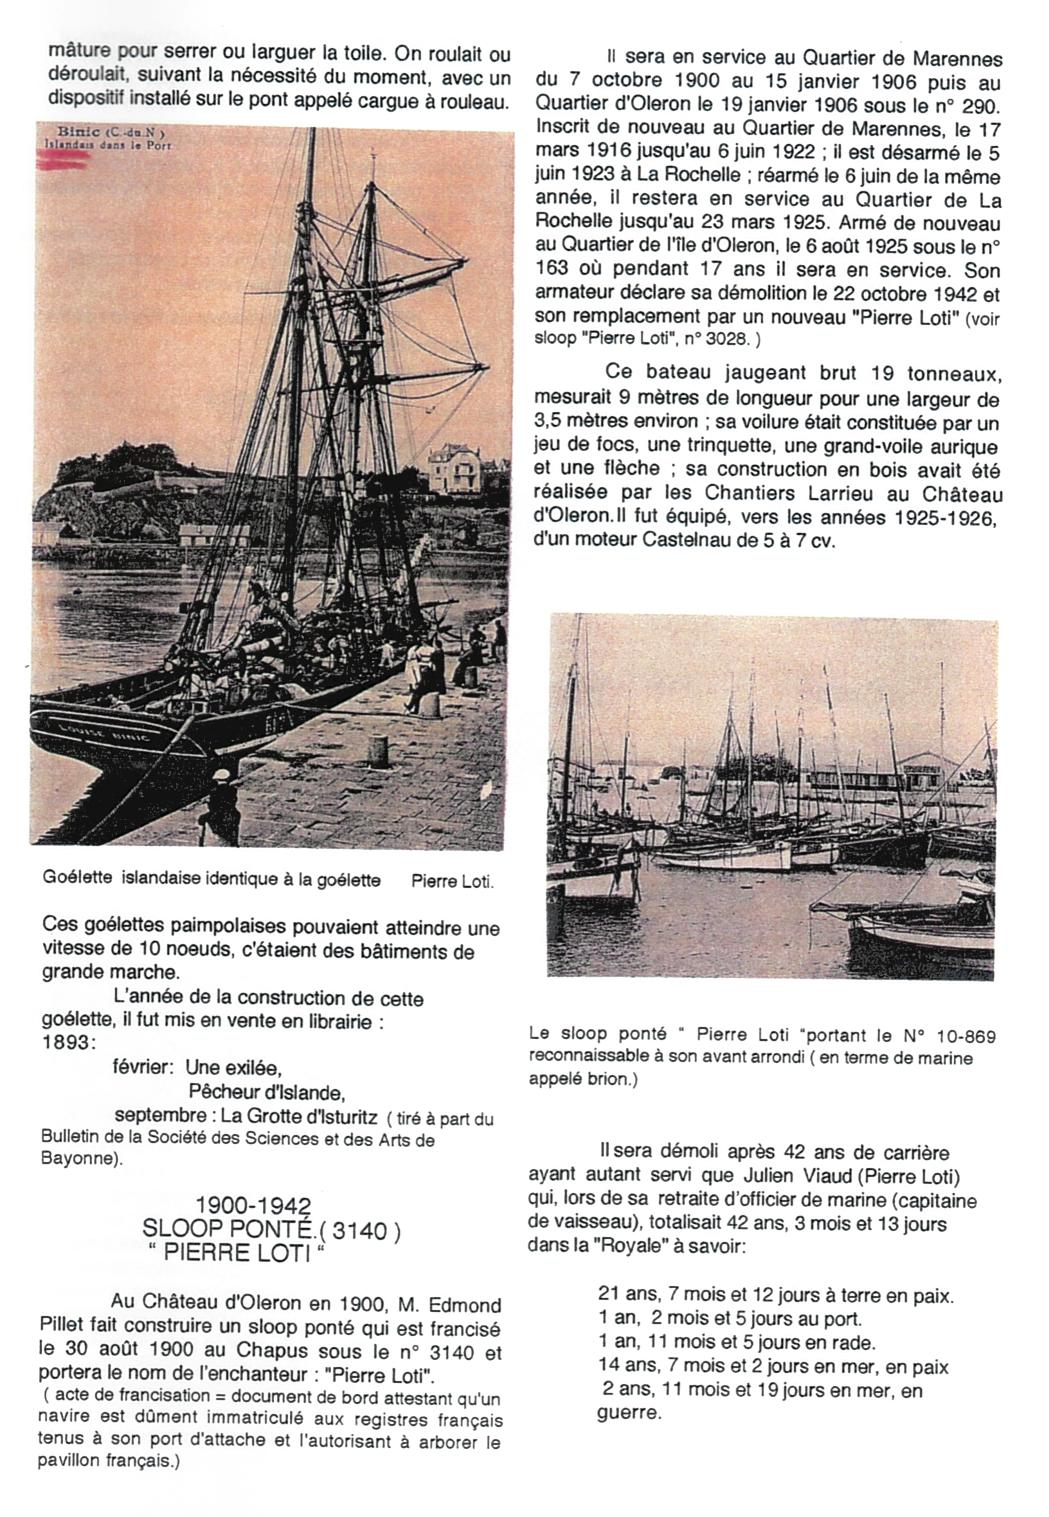 2-Bateaux et canots baptisés Pierre Loti - Jean Nonin